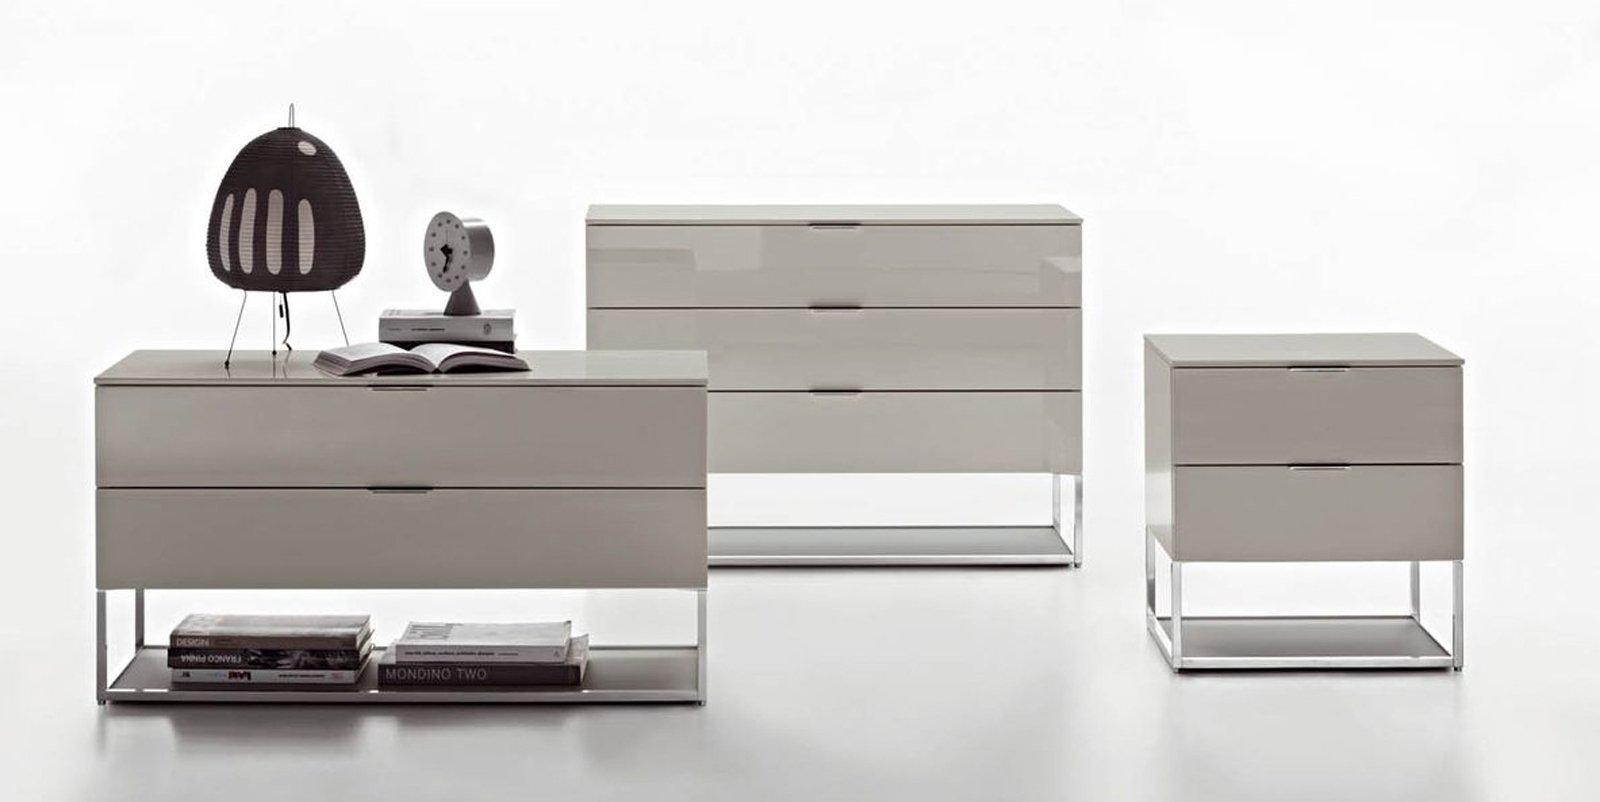 Cassettiere evviva le differenze cose di casa - Cassettiere di design ...